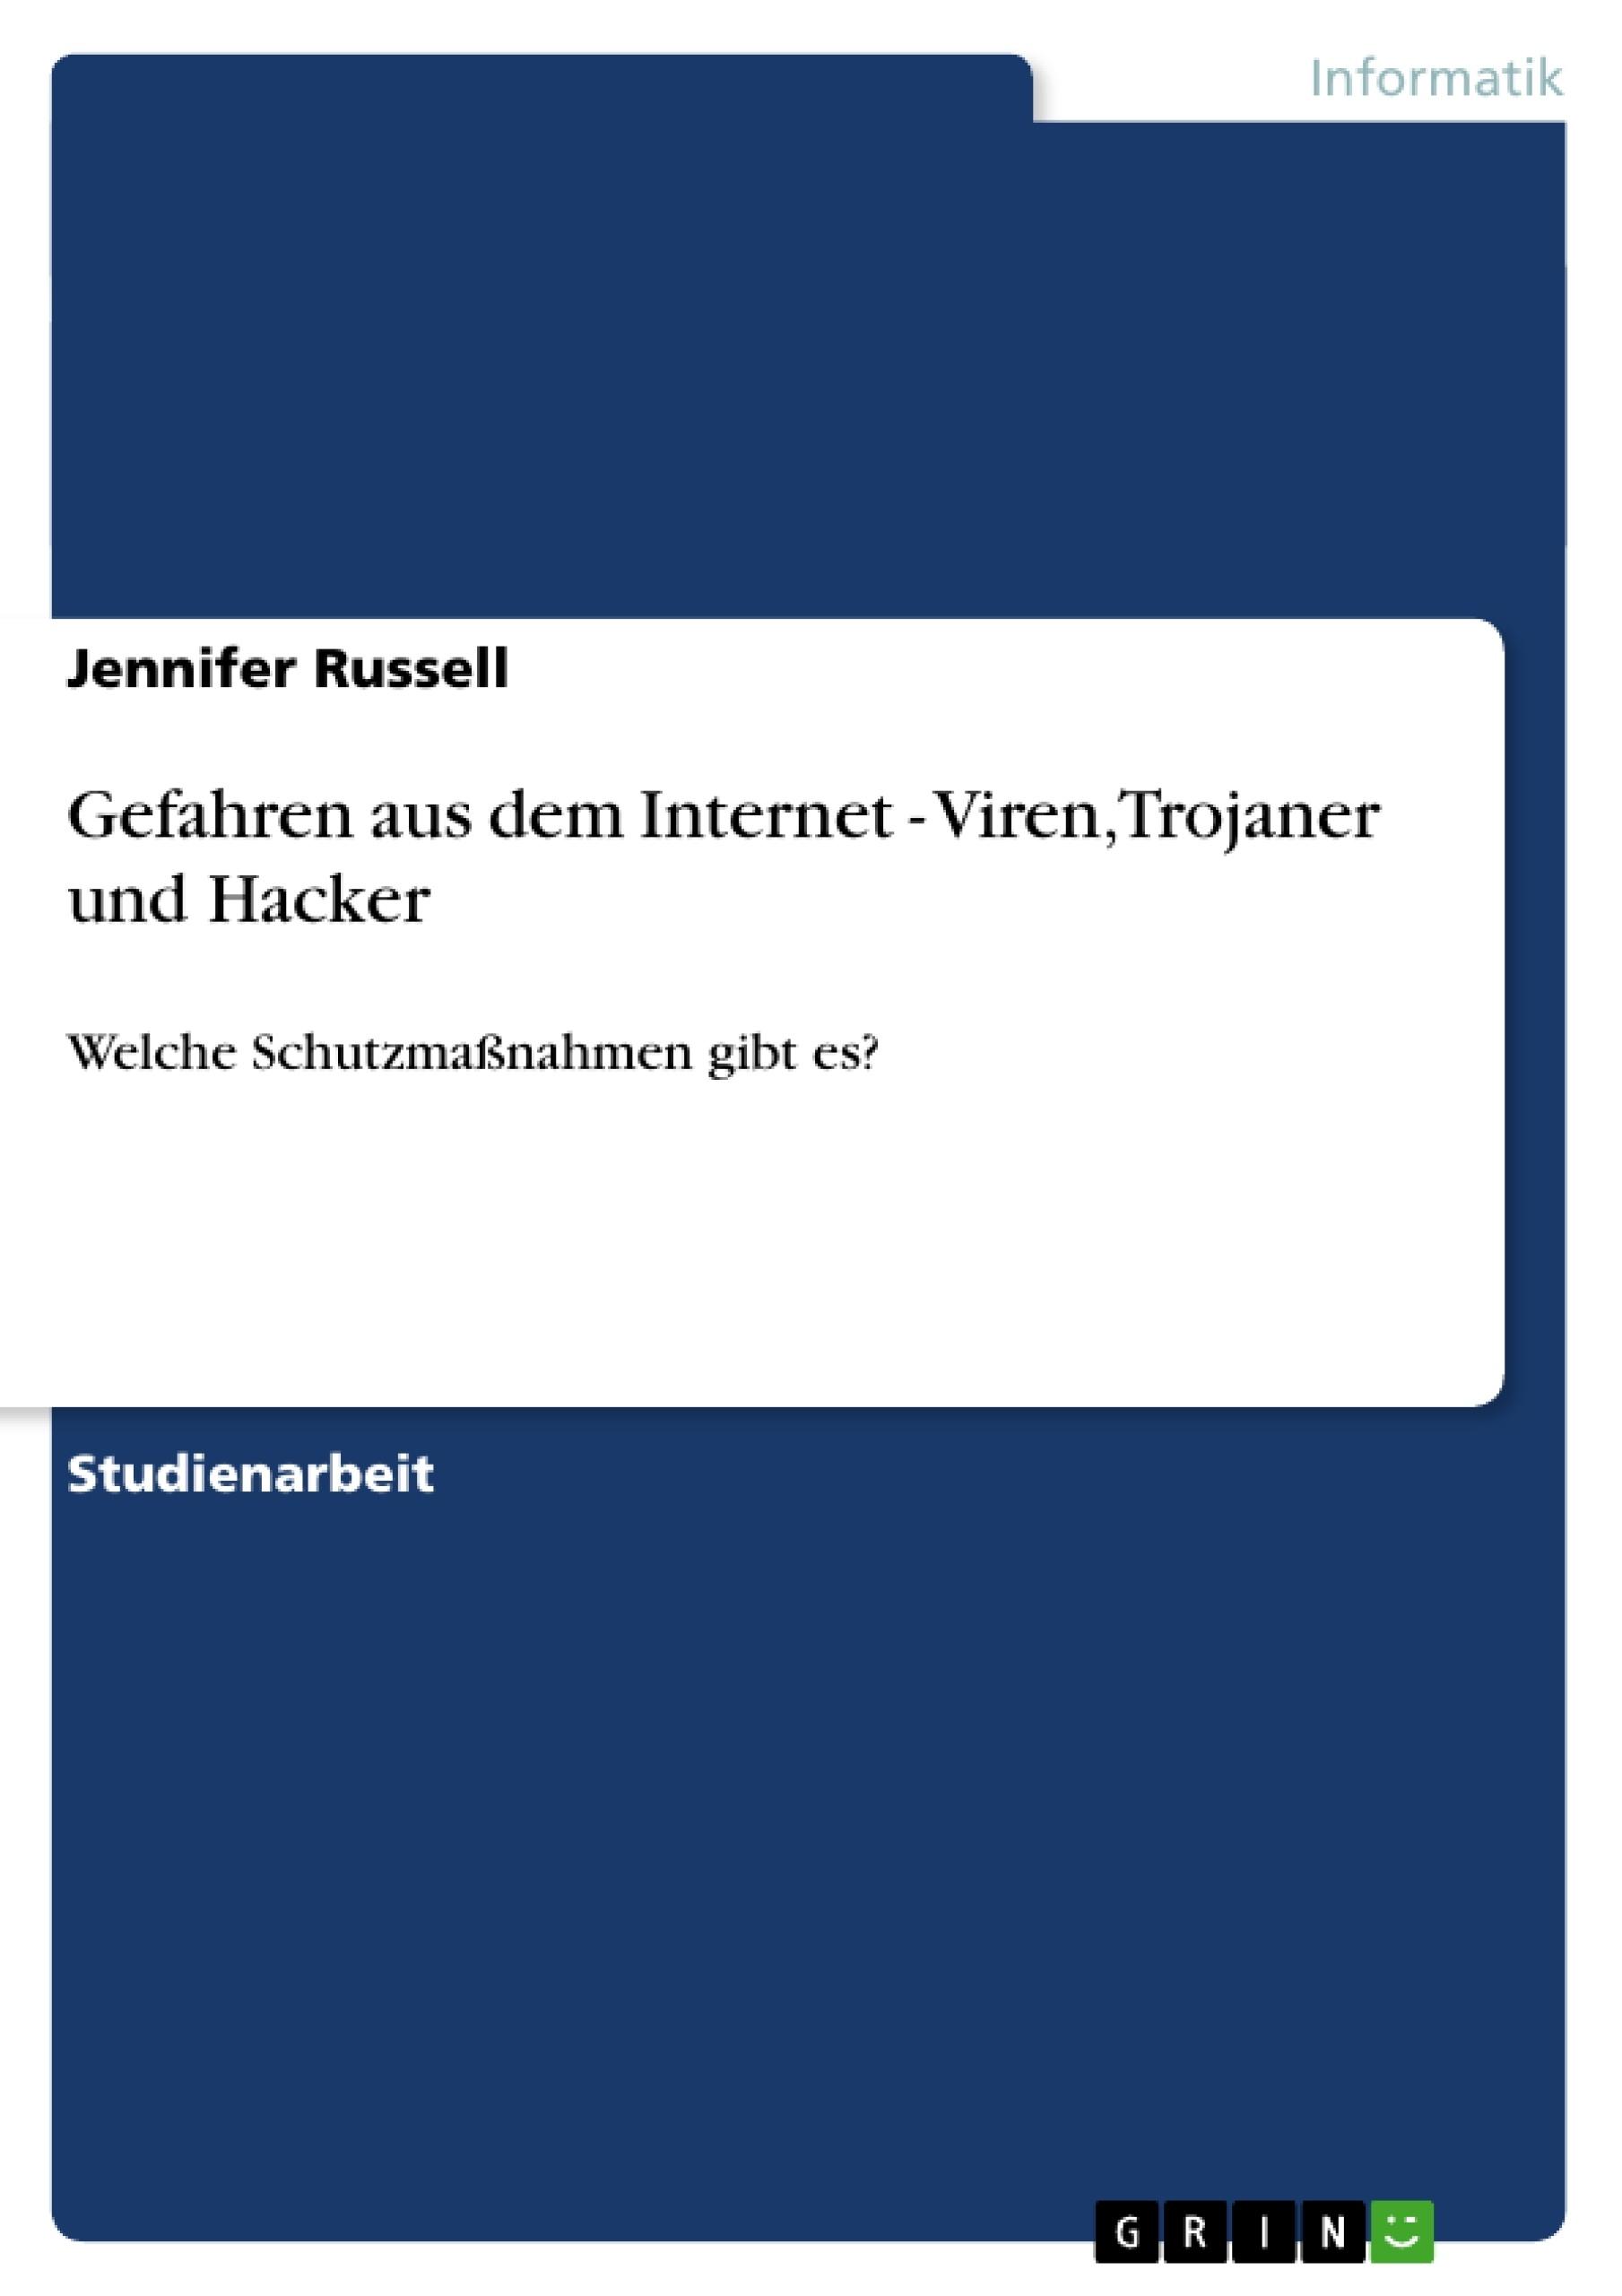 Titel: Gefahren aus dem Internet - Viren, Trojaner und Hacker